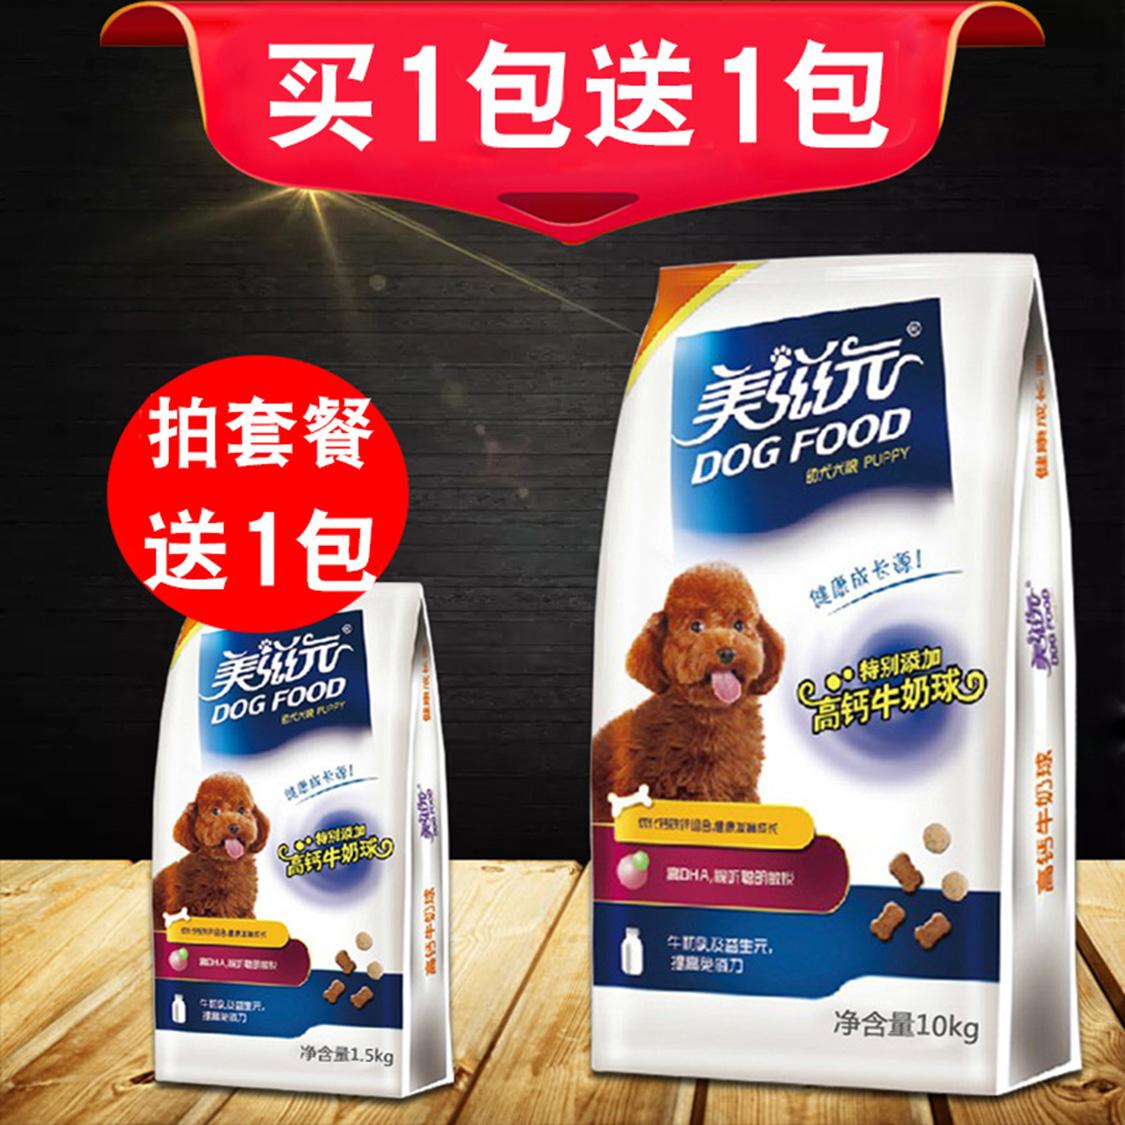 корм для собак US/Zi Yuan  10kg 20